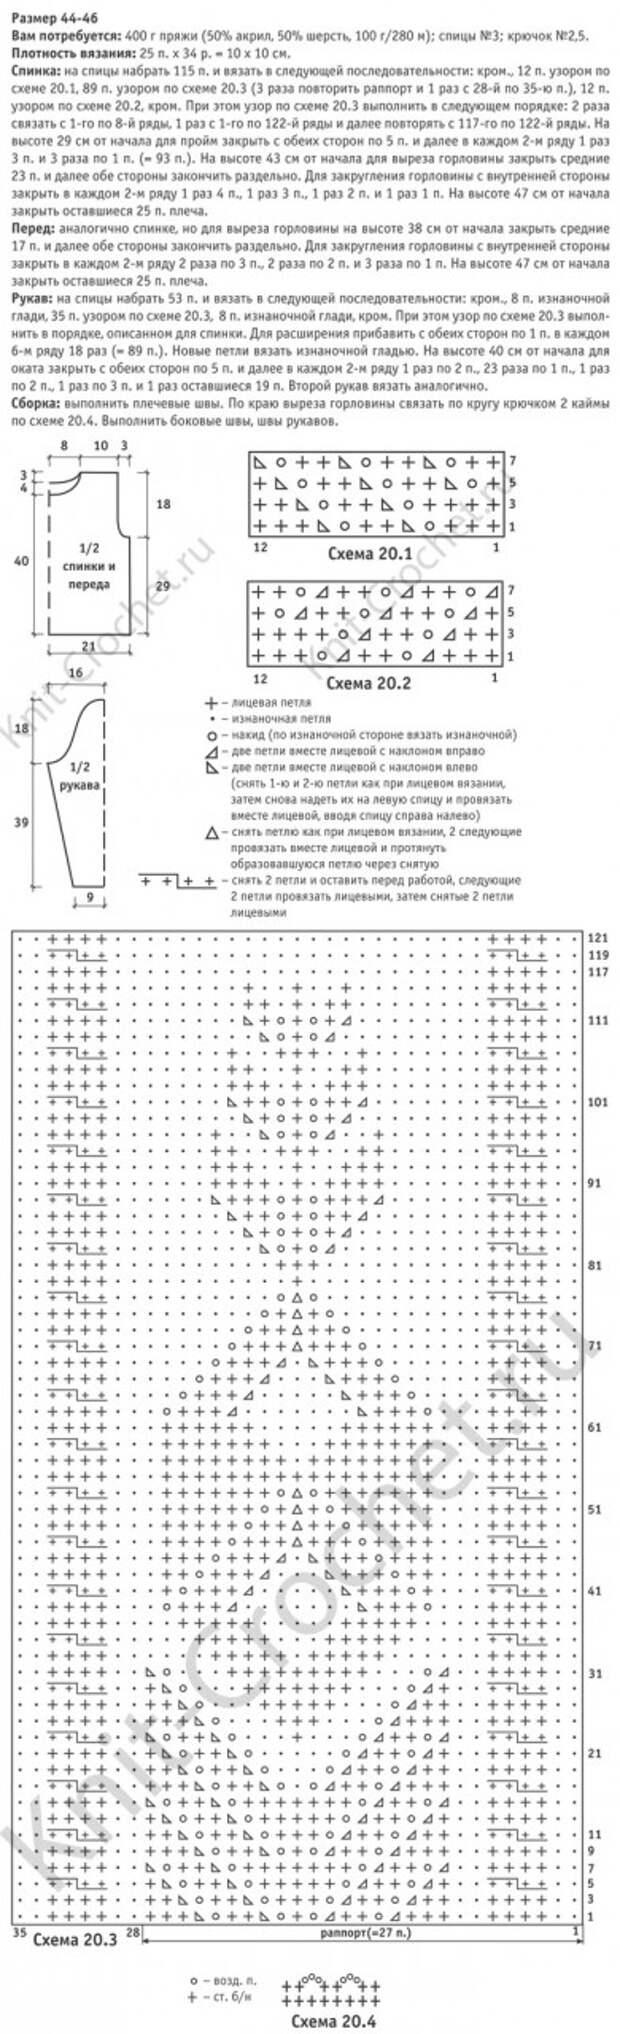 Выкройка, схемы узоров с описанием для вязания спицами женского пуловера с ажурами и косами 44-46 размера.